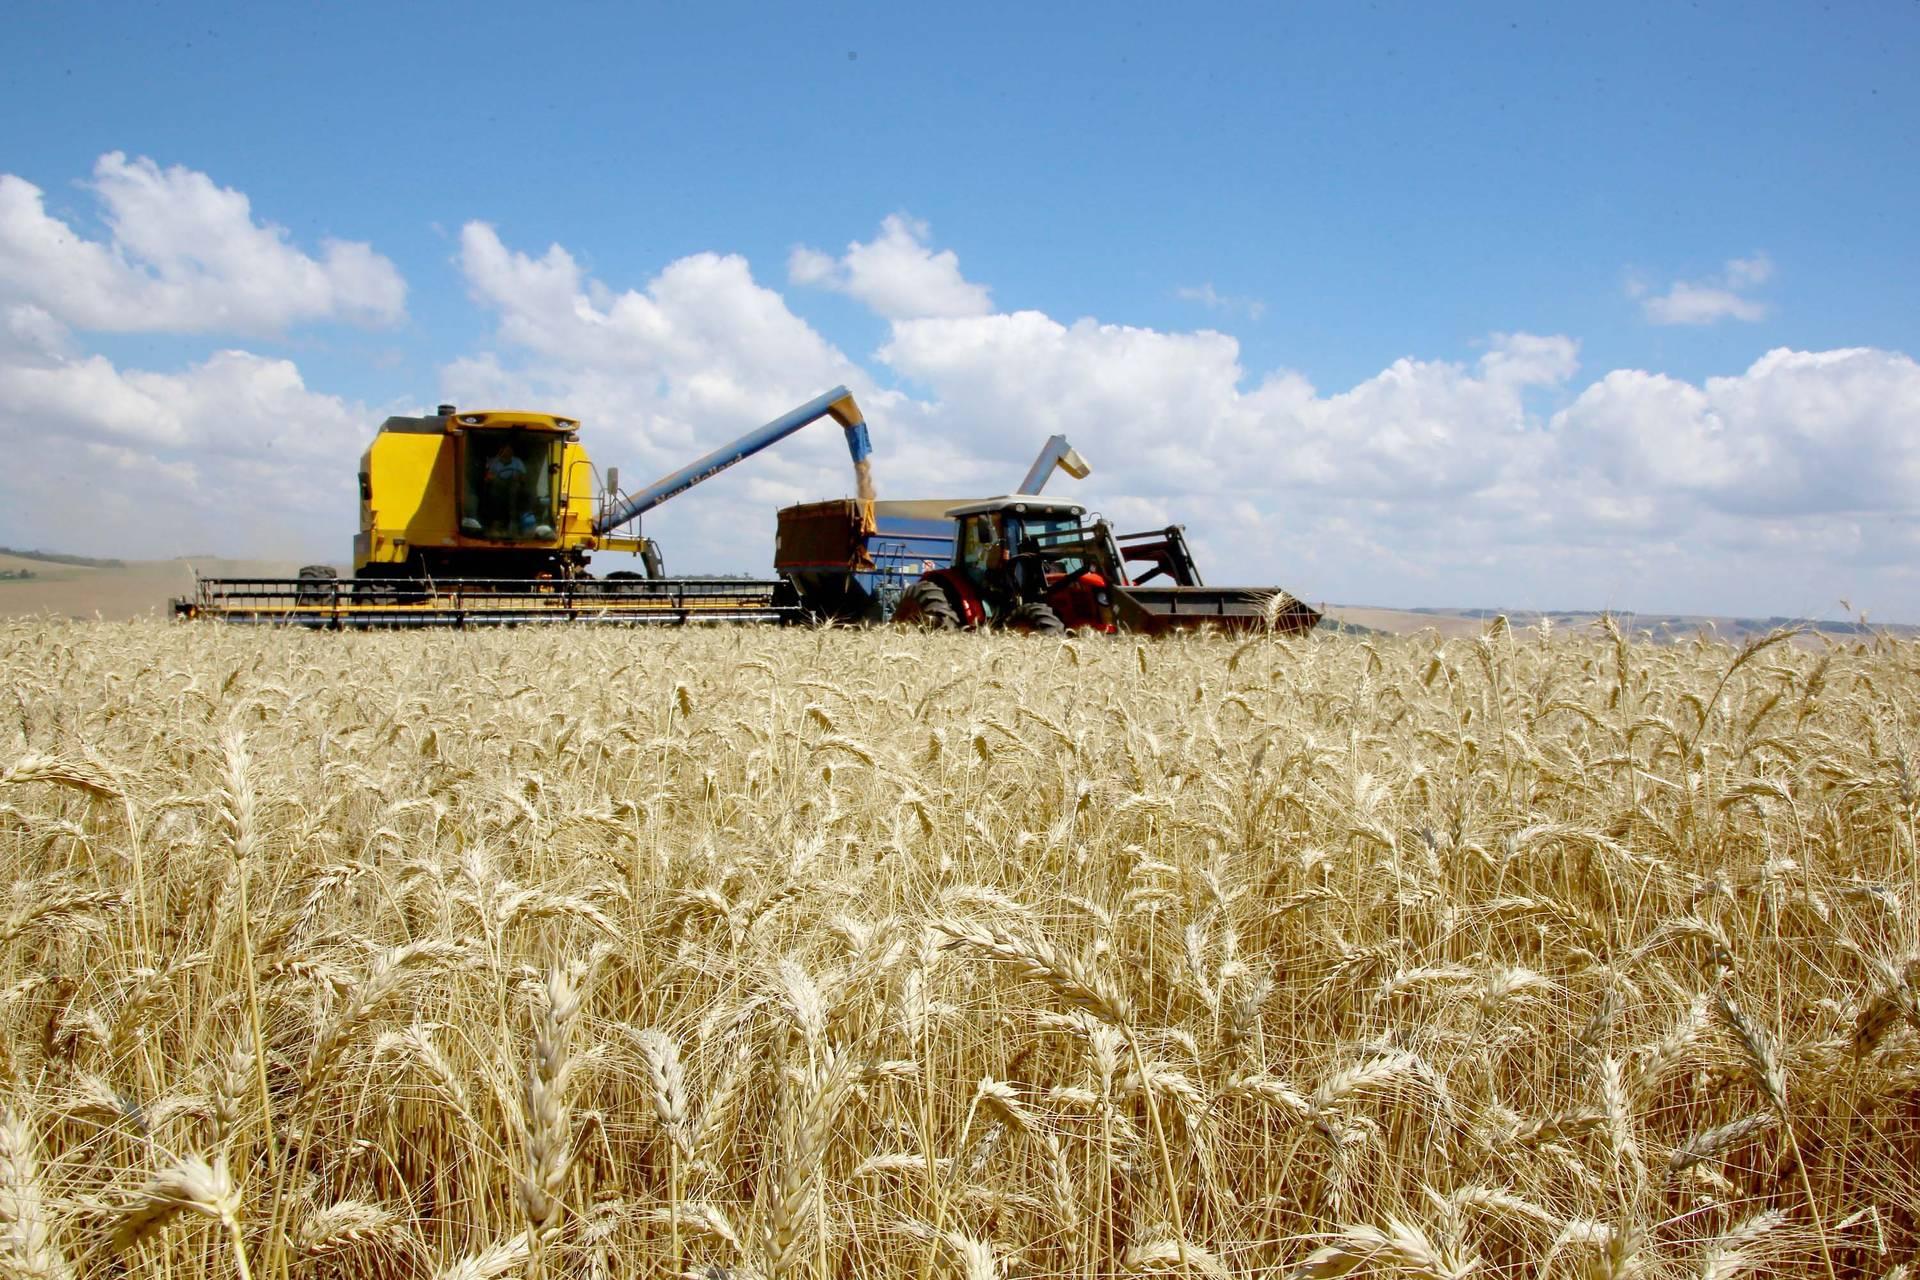 Ritmo do plantio de trigo ainda é lento, mas a expectativa é de produtividade recorde